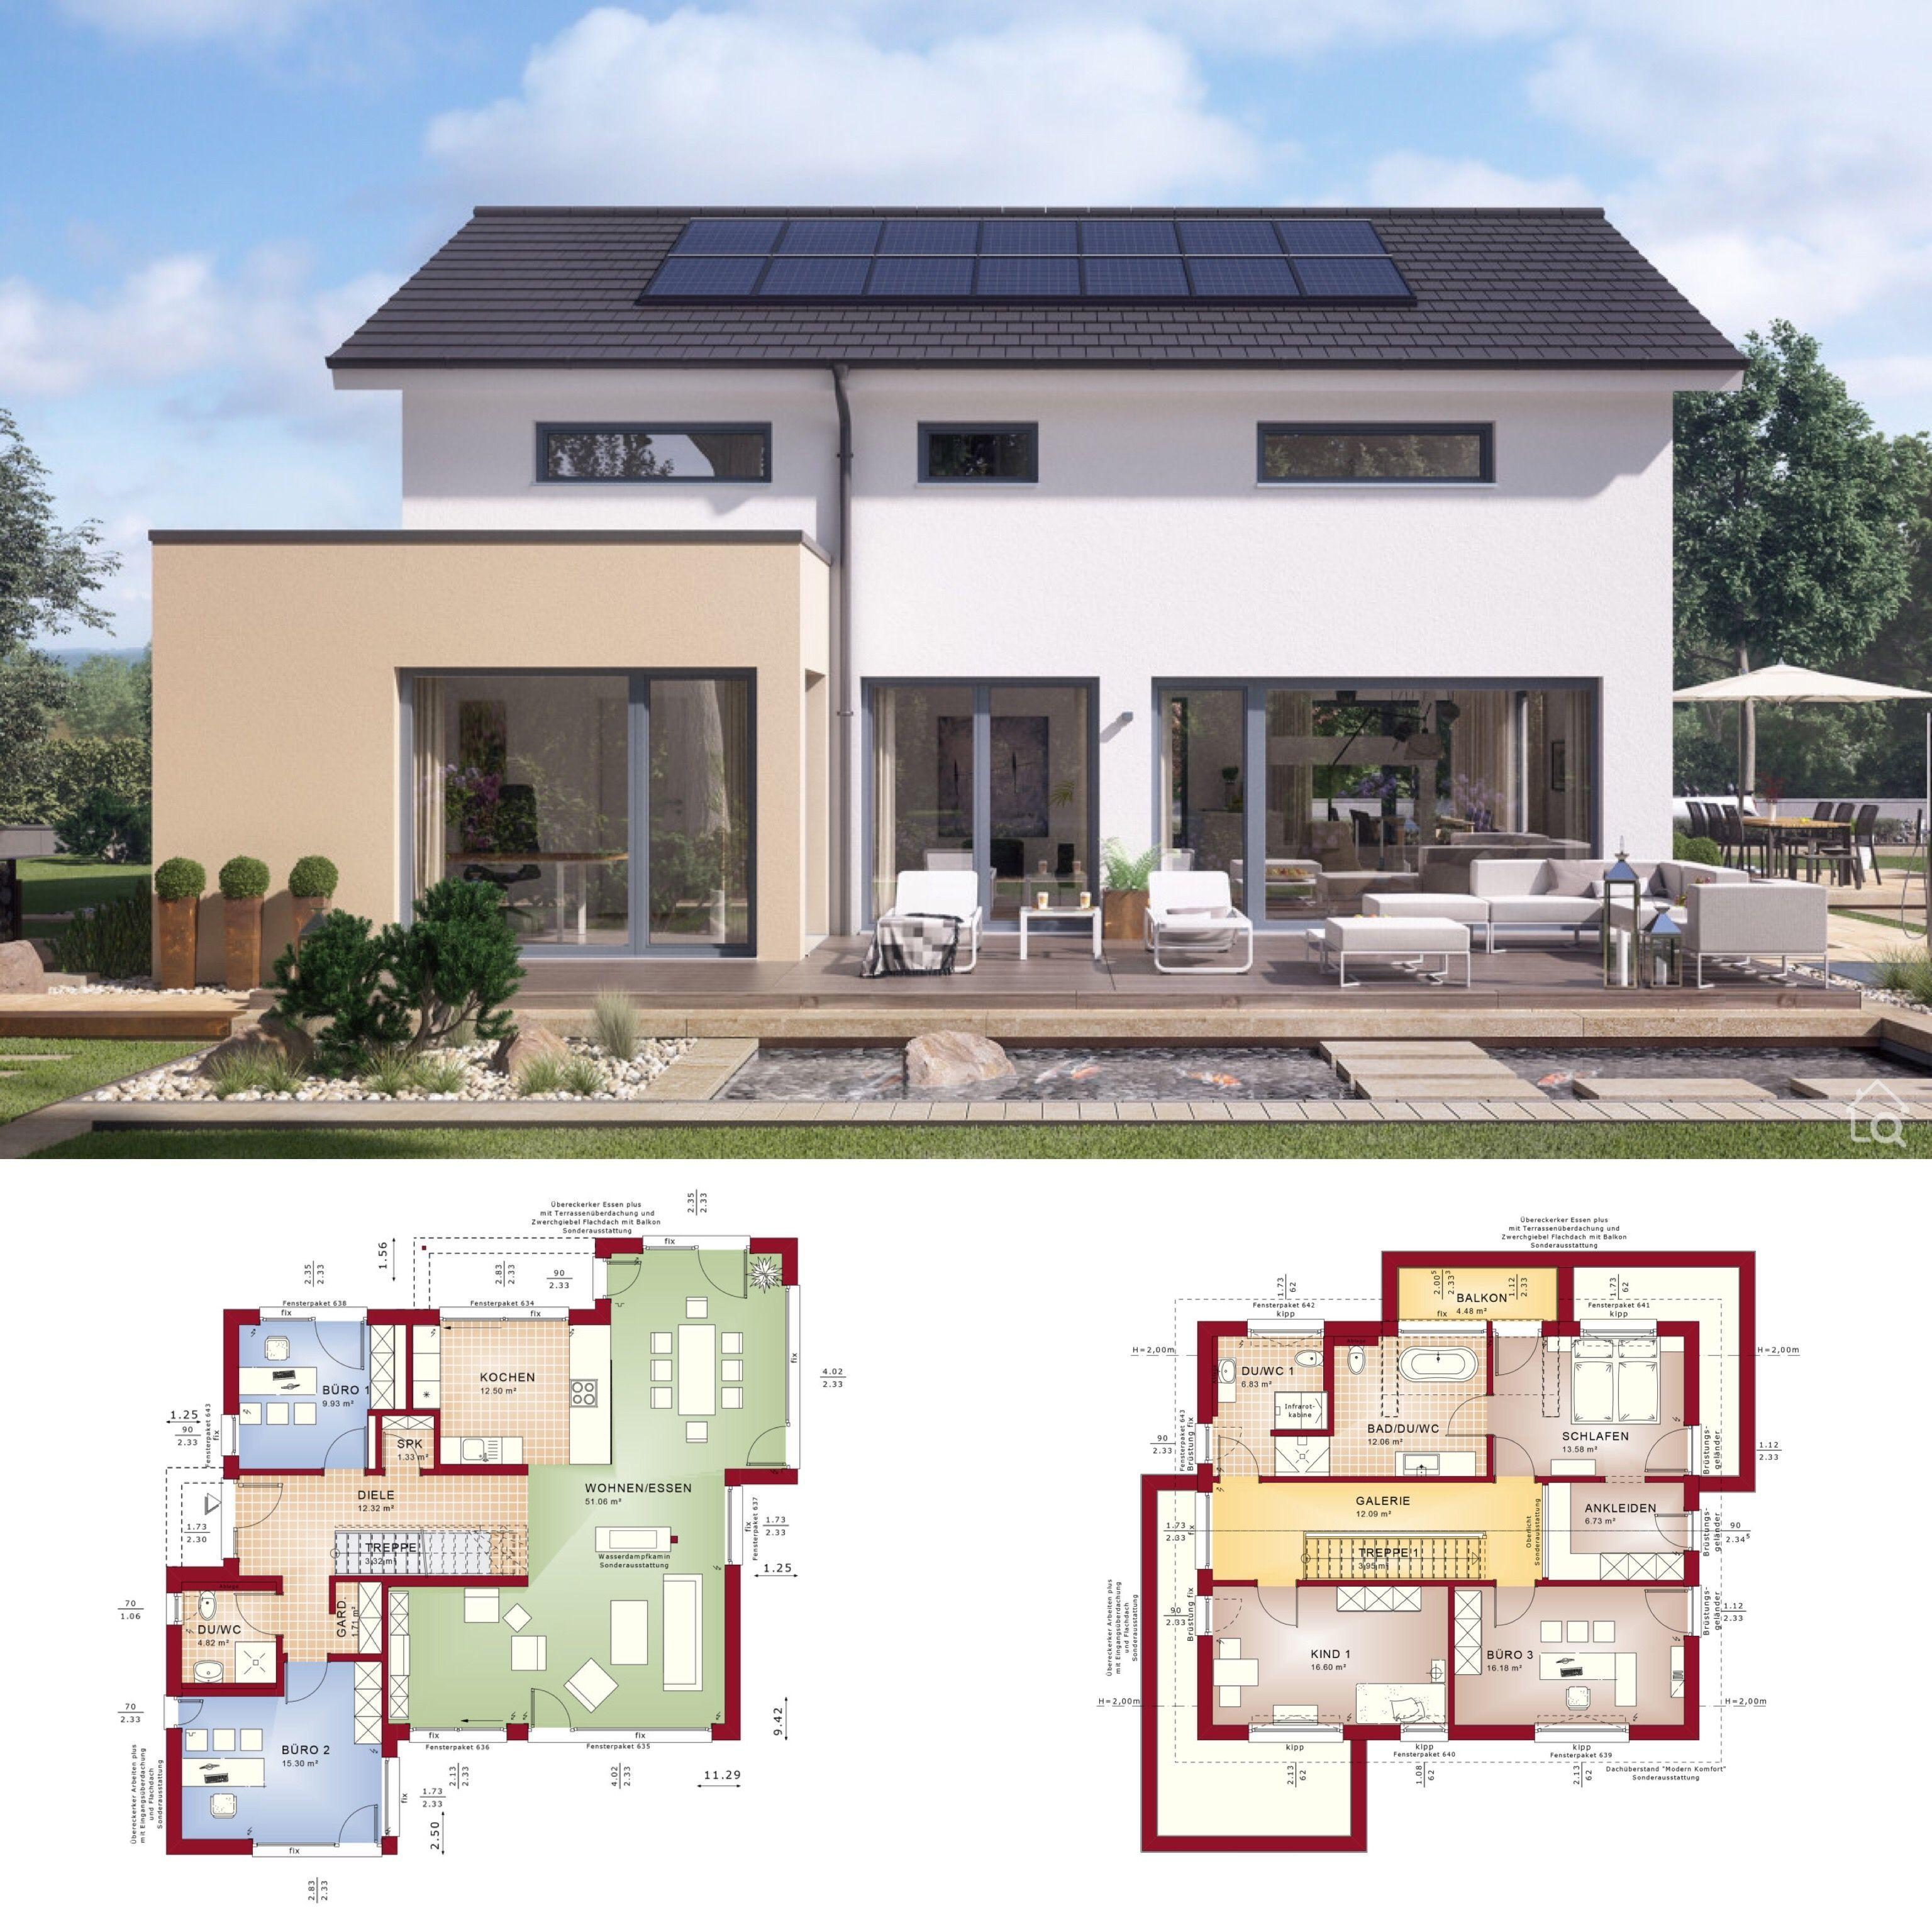 Modernes Haus Design Mit Satteldach Einfamilienhaus Ideen Mit Grundriss Architektur Haus Architektur Haus Design